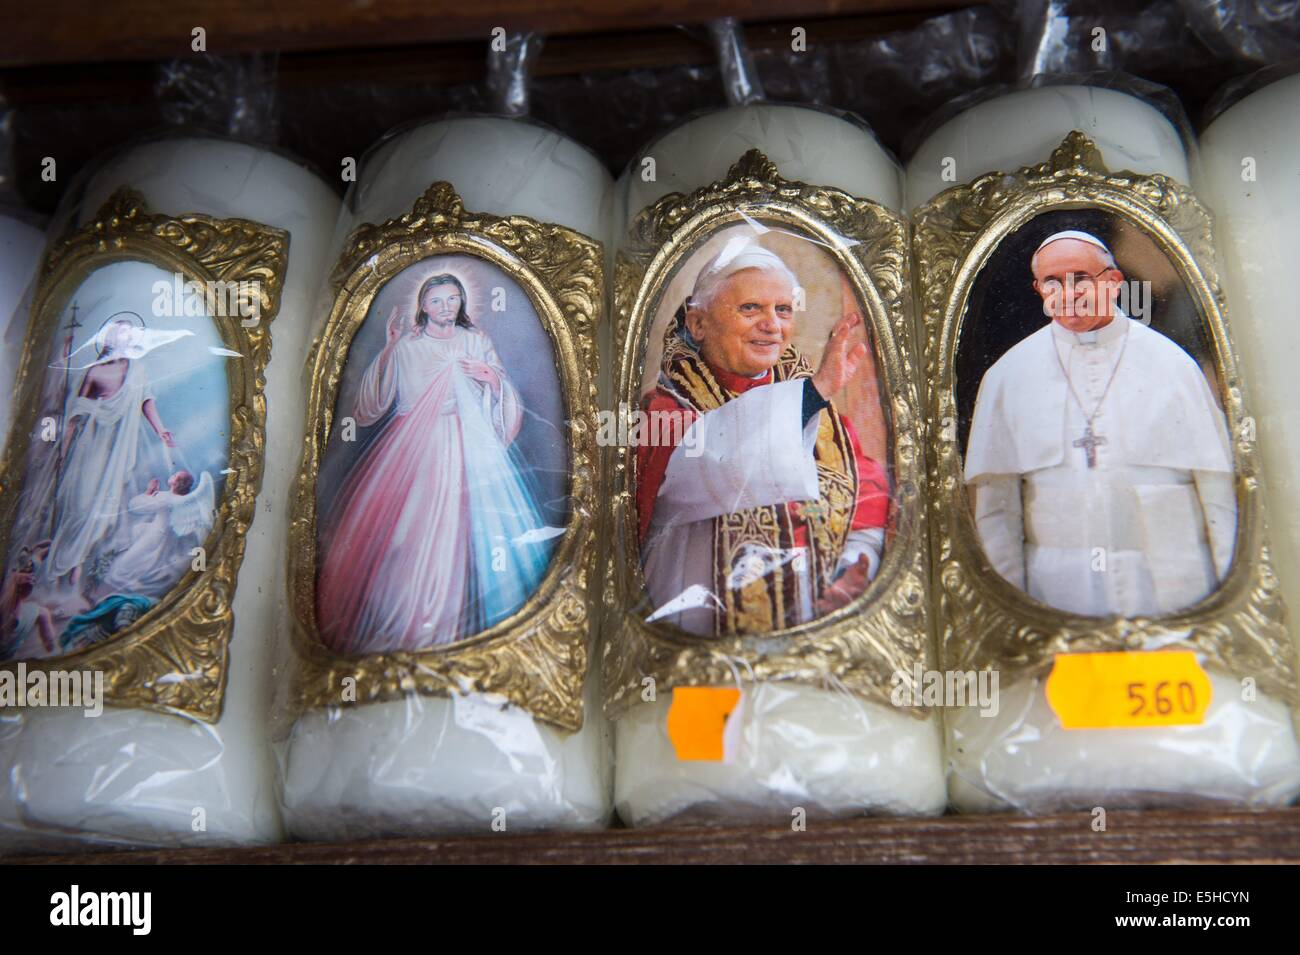 Wachskerzen Mit Motiven der Madonna, des Papst Benedikt XVI (2.v.r.) Und von Papst Franziskus (r) Stück am Stockbild